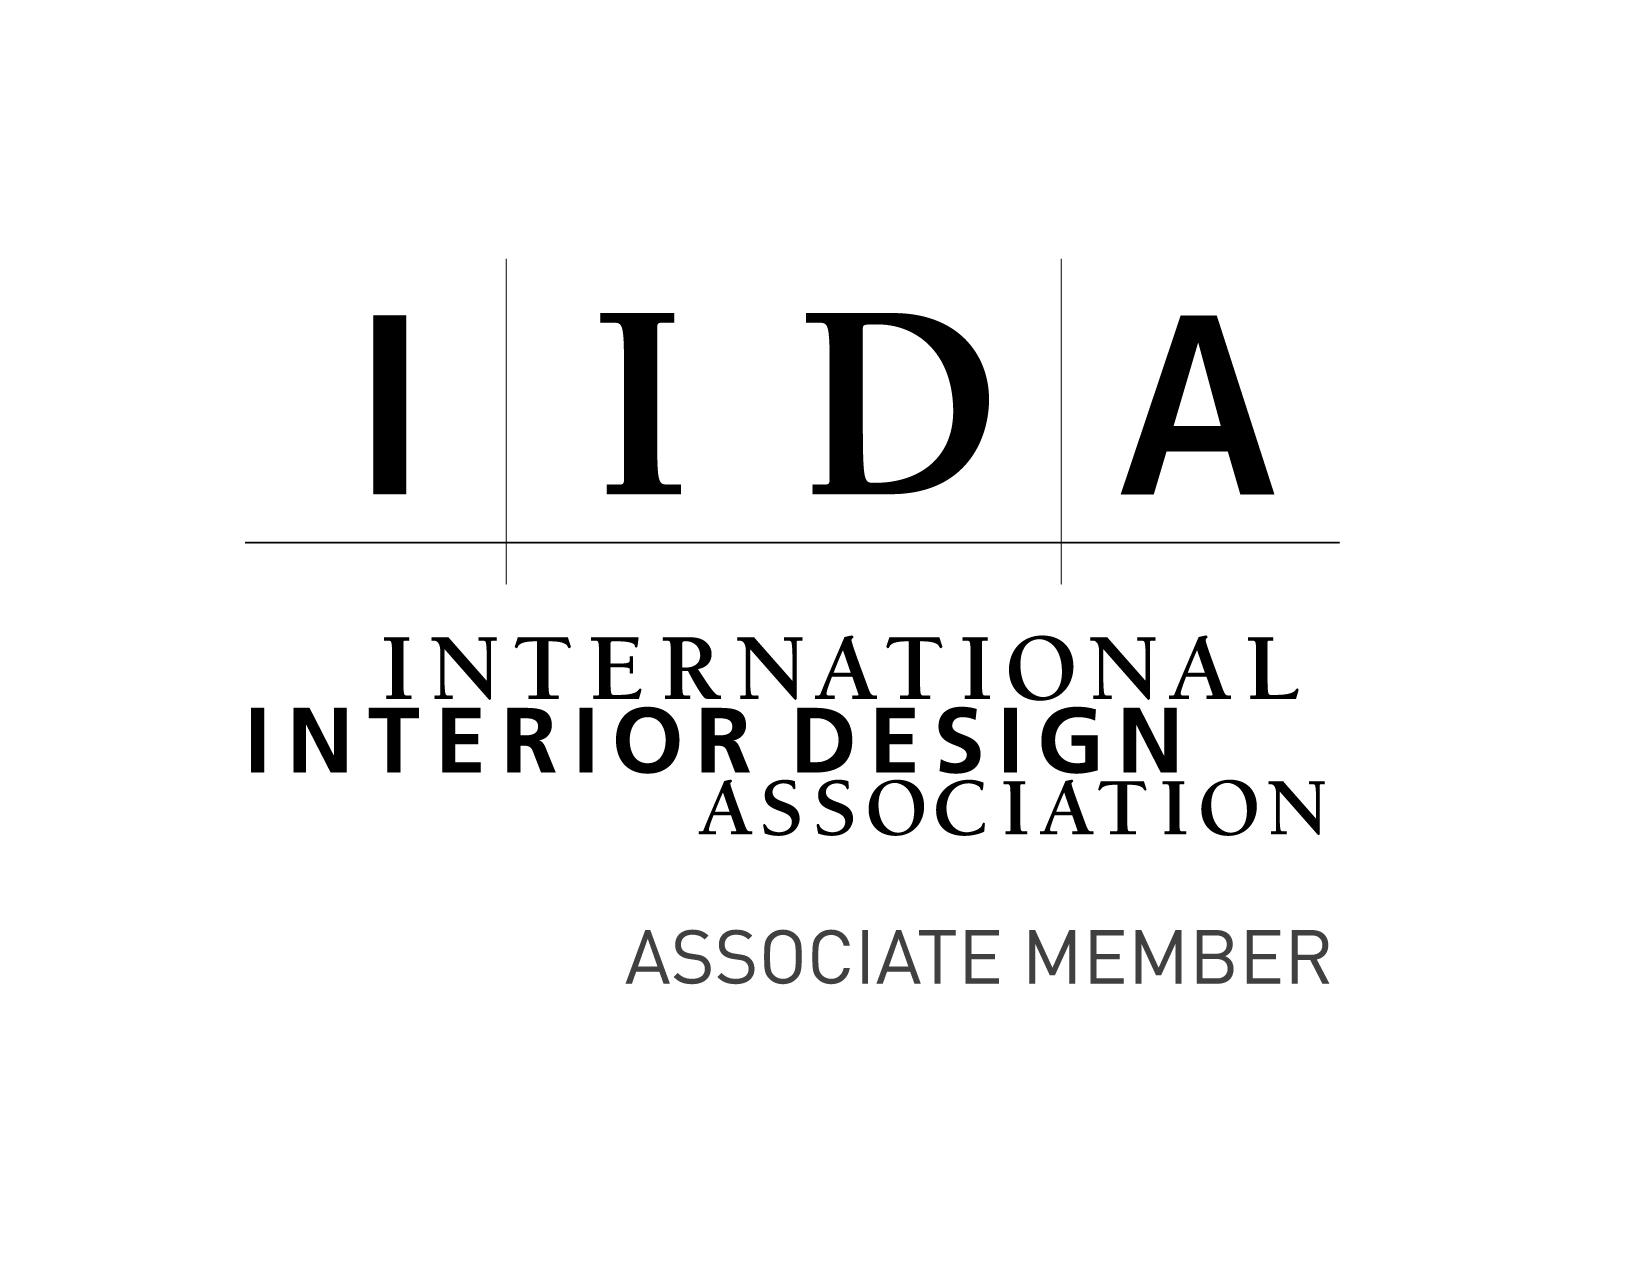 IIDA_Associate MemberLogo-01.jpg